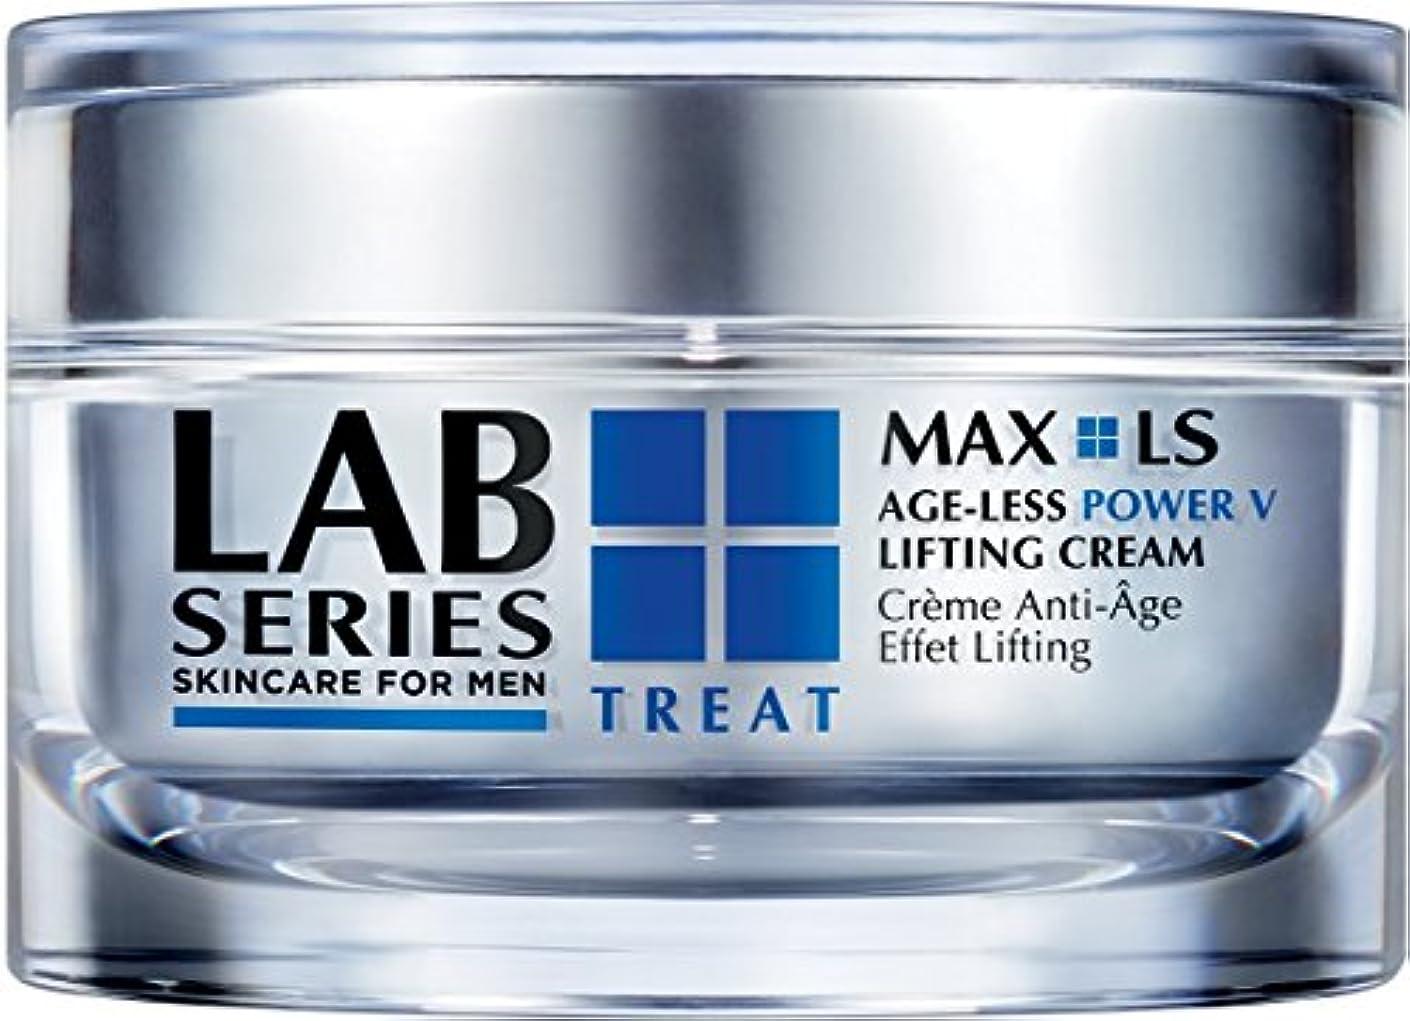 偽物に賛成の面ではラボシリーズ (LAB SERIES) マックス LS V クリーム 50mL